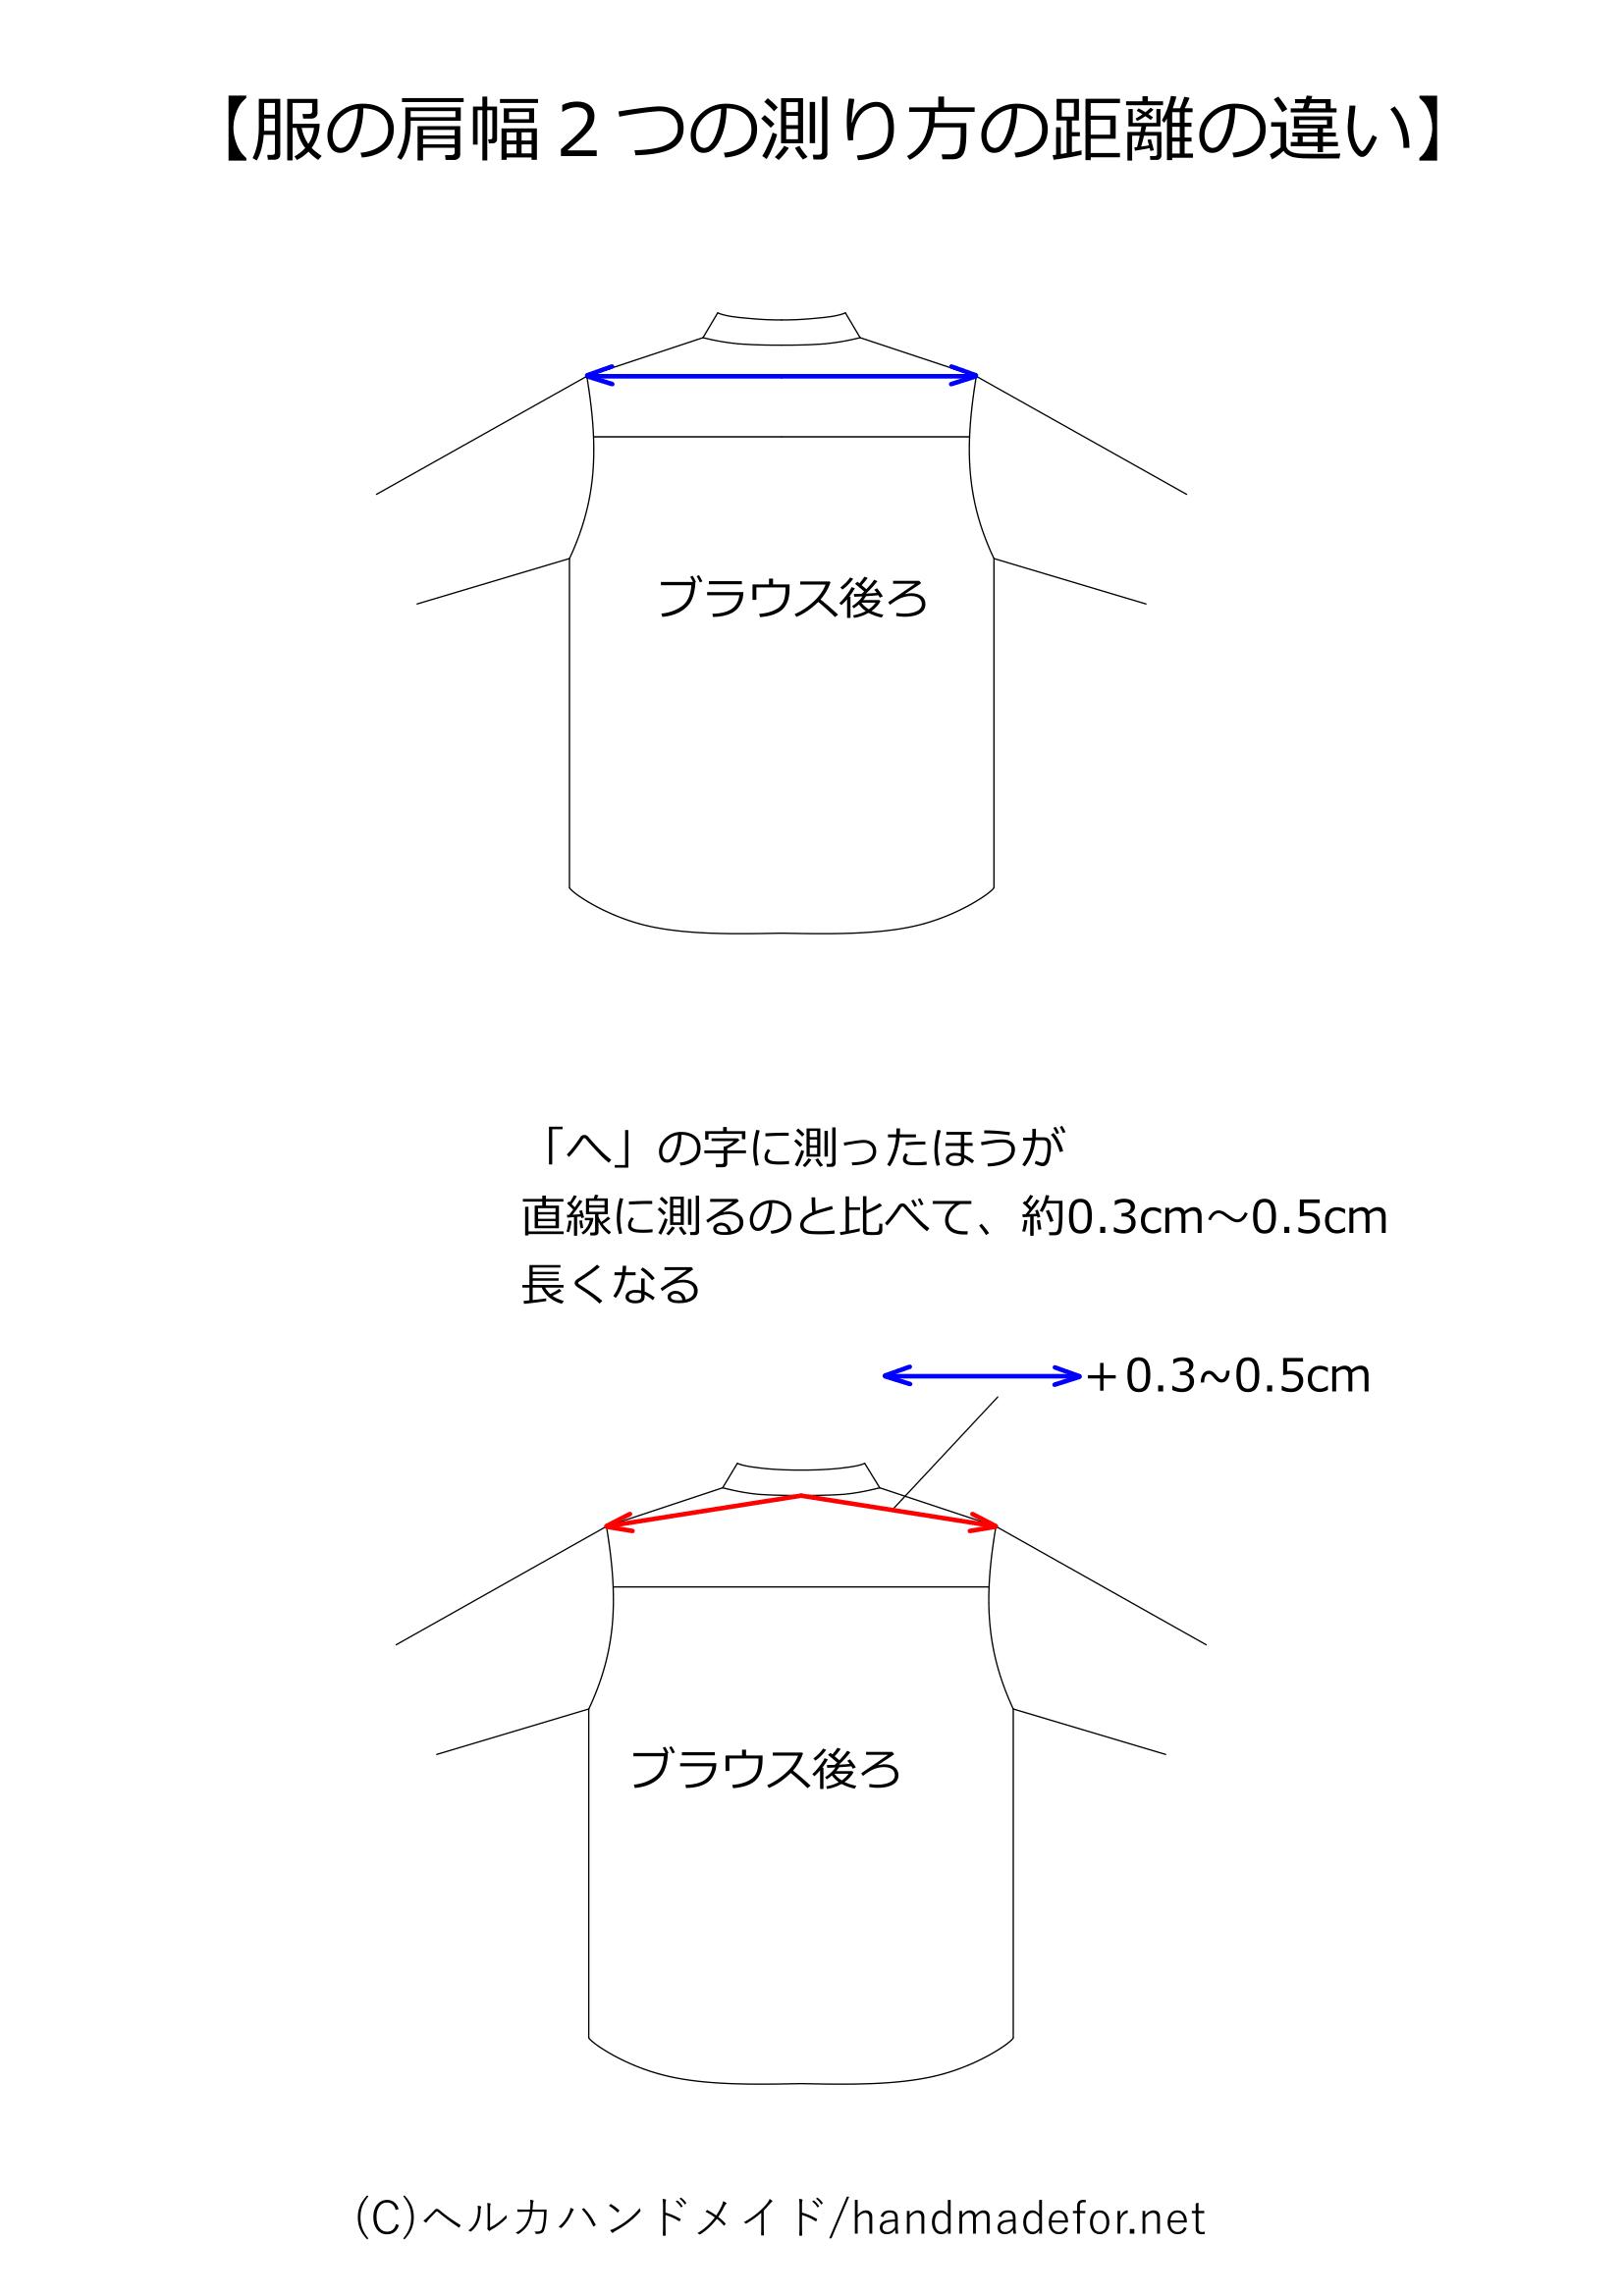 2つの肩幅の測り方の長さの違い